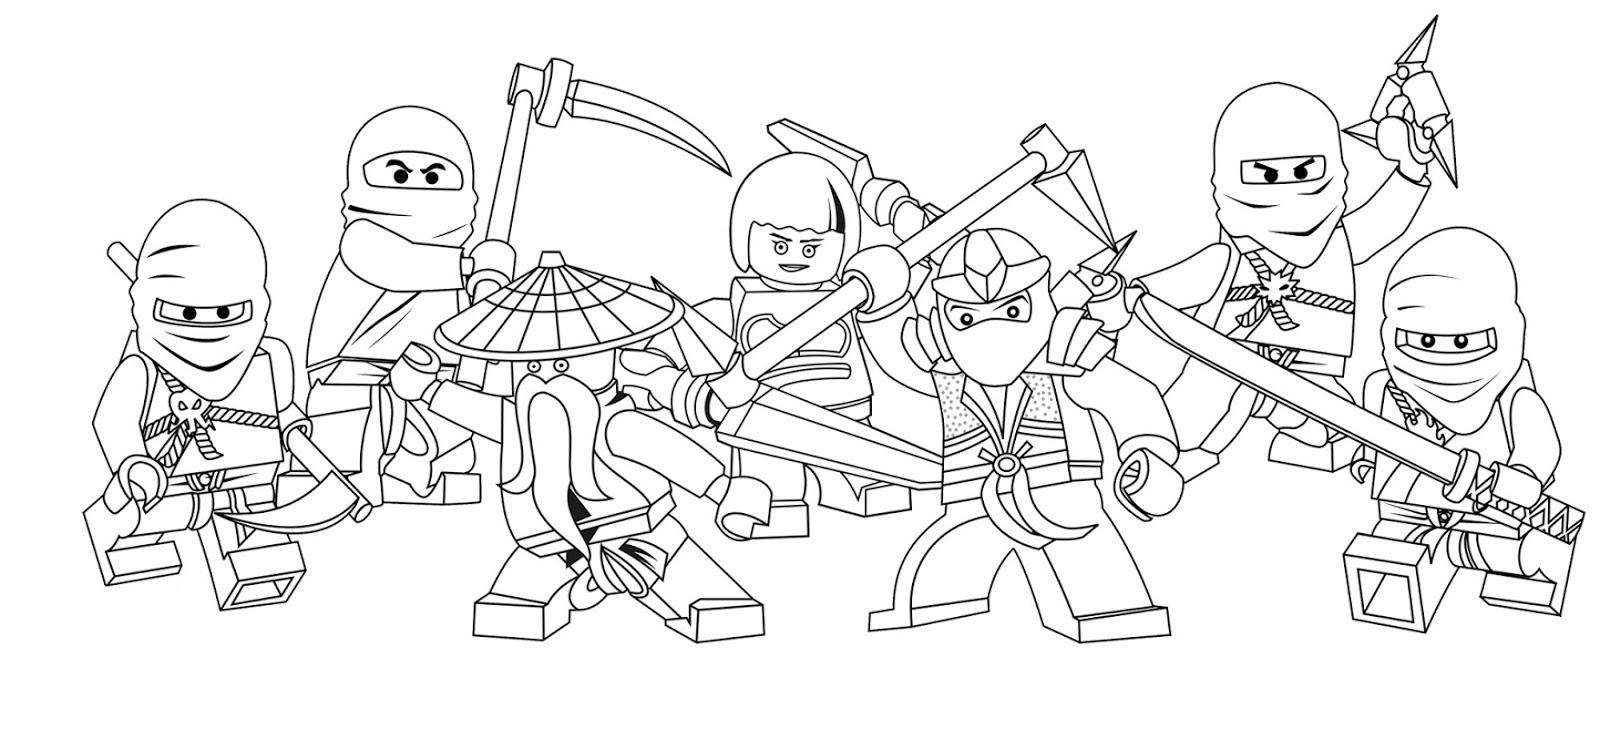 Fantástico Ninjas Para Colorear Ilustración - Dibujos de Animales ...